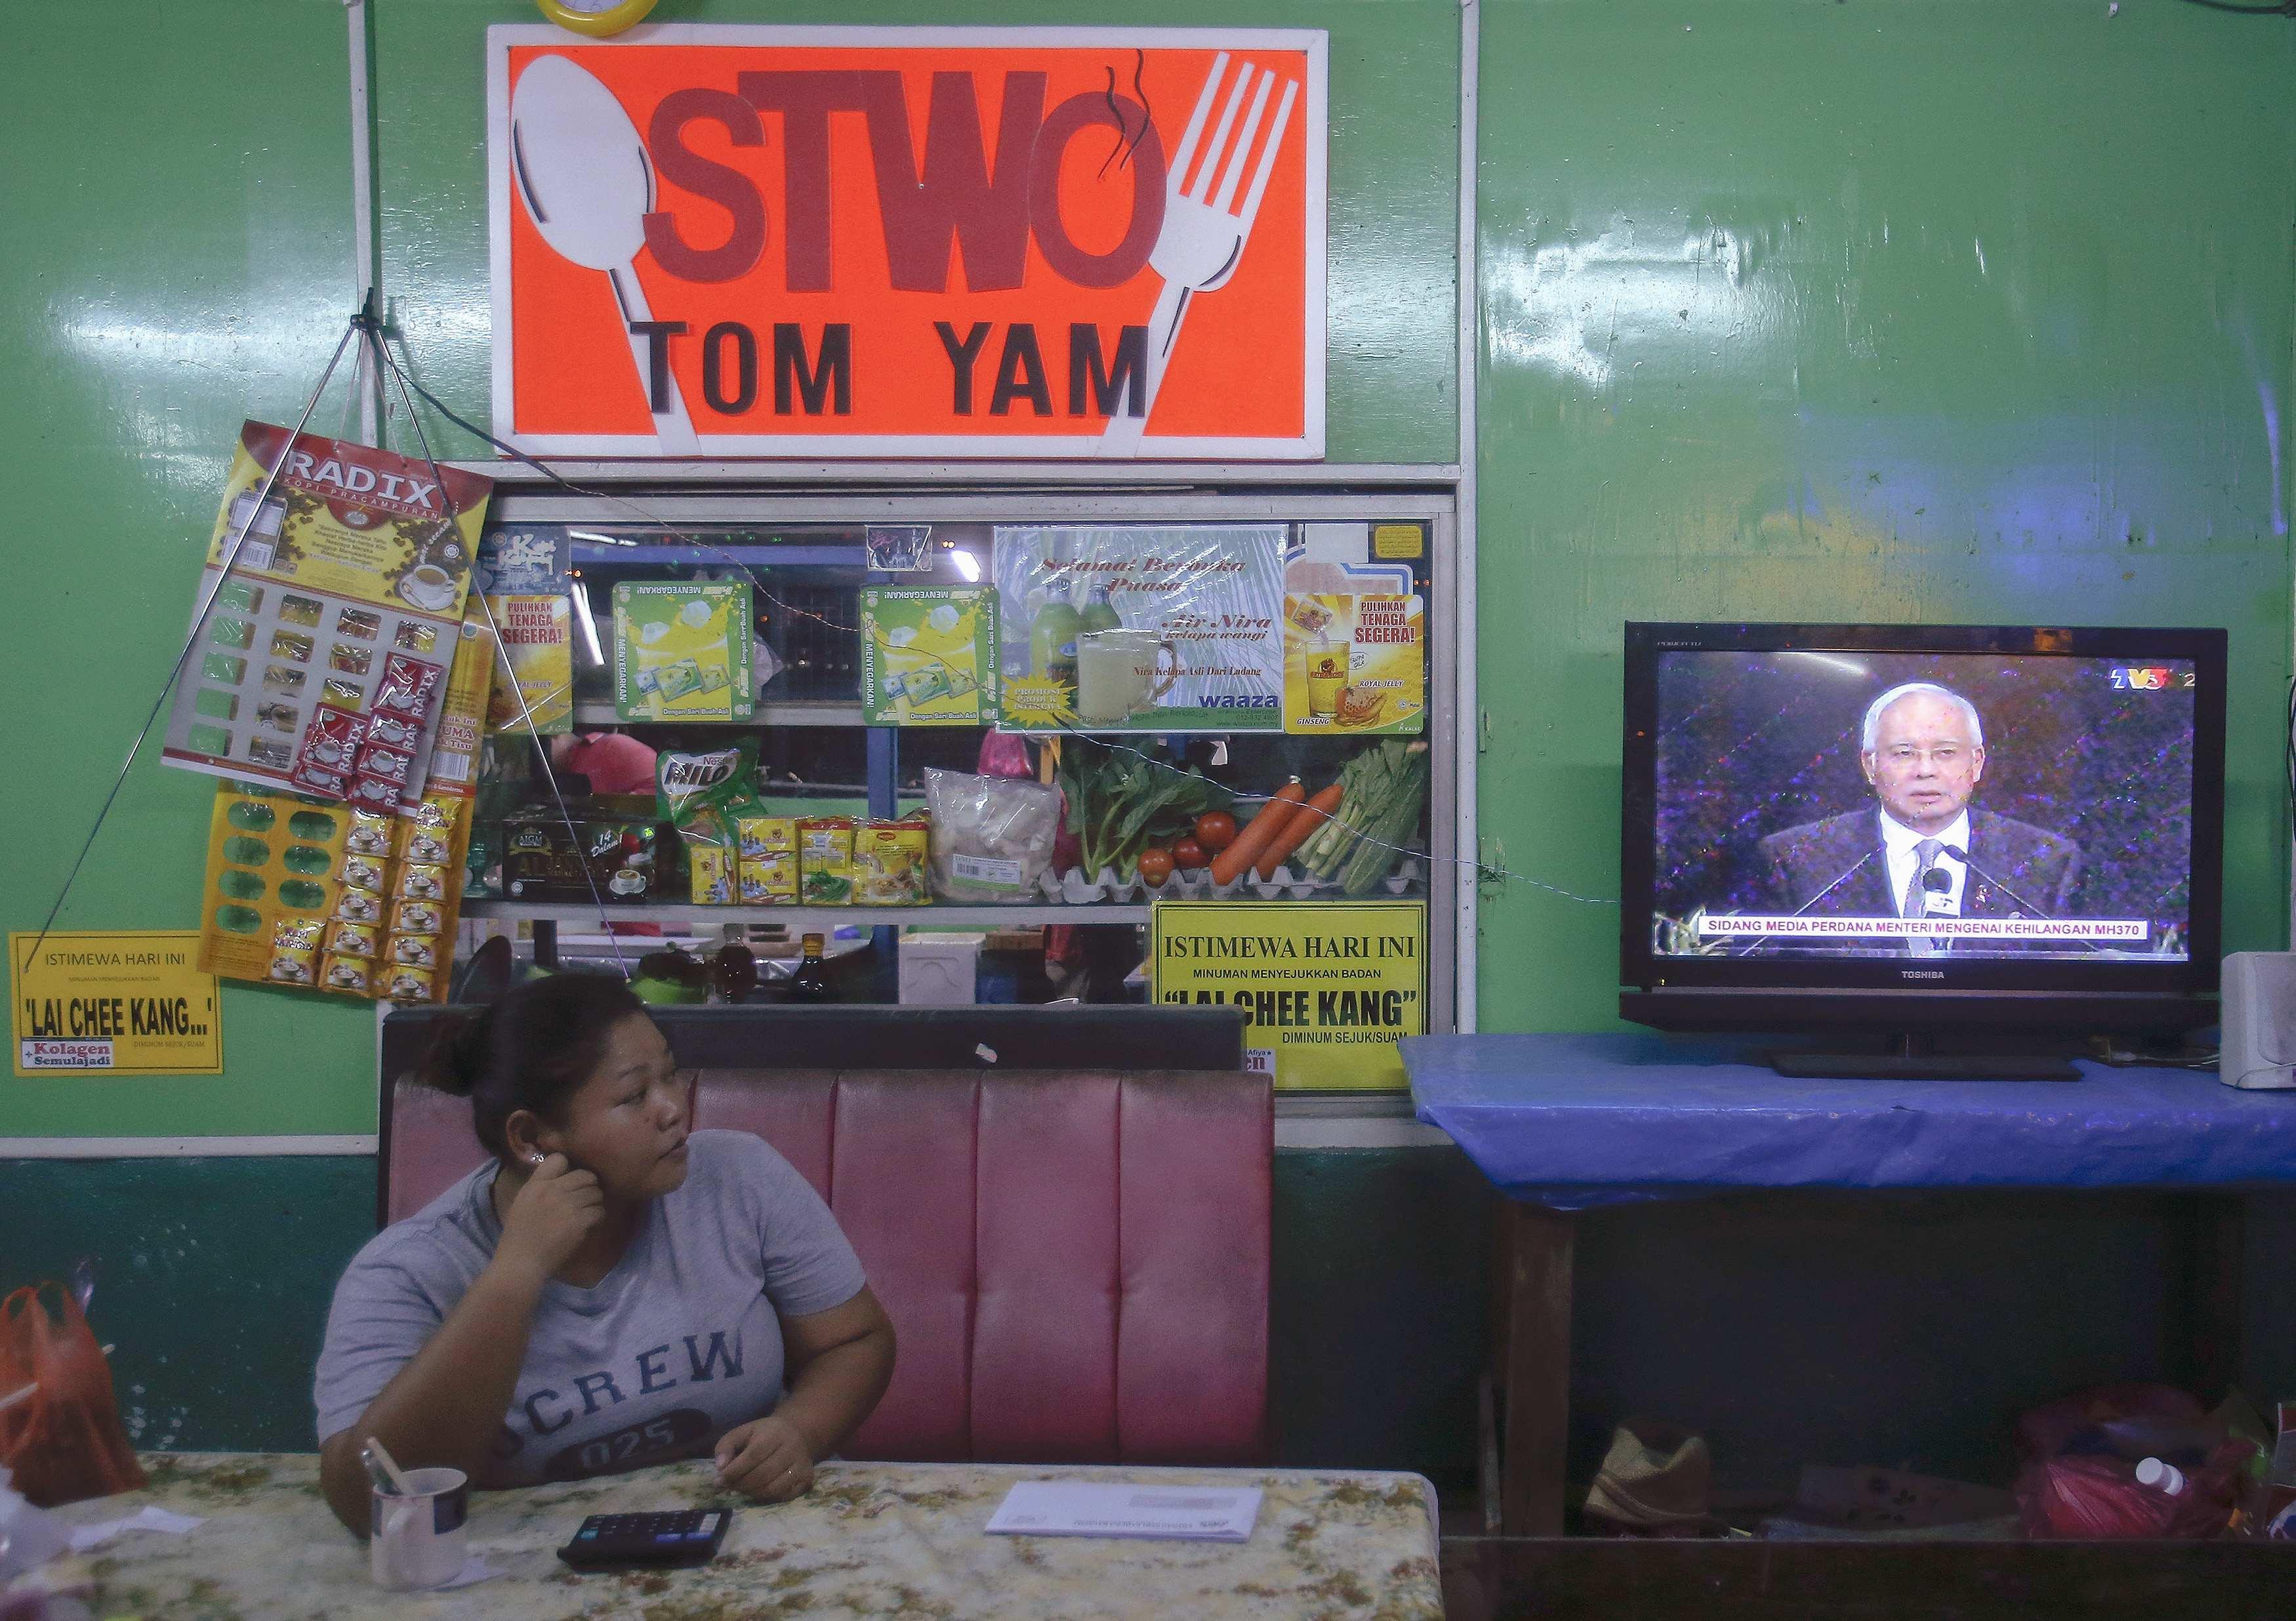 O primeiro-ministro da Malásia Najib Razak é visto na televisão, no momento do anúncio | Samsul Said/ Reuters